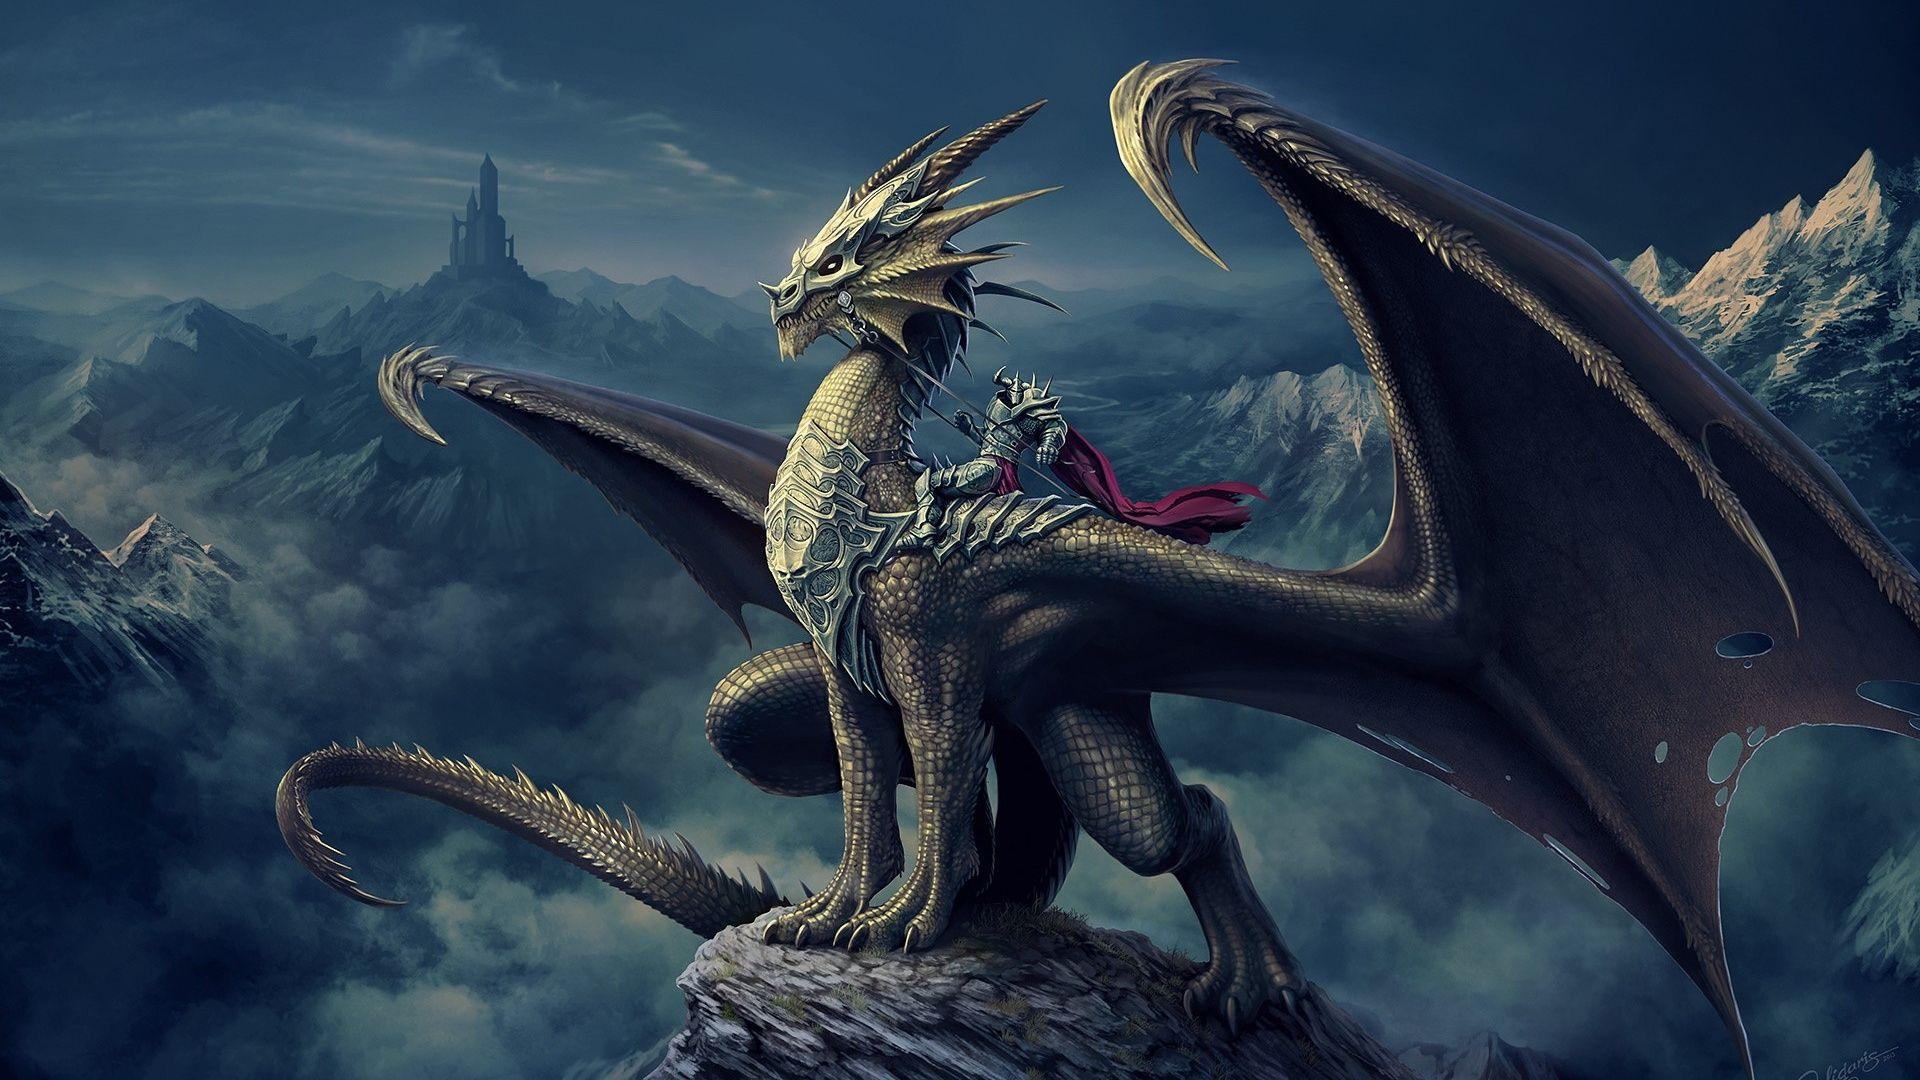 Dragon Wallpaper Desktop